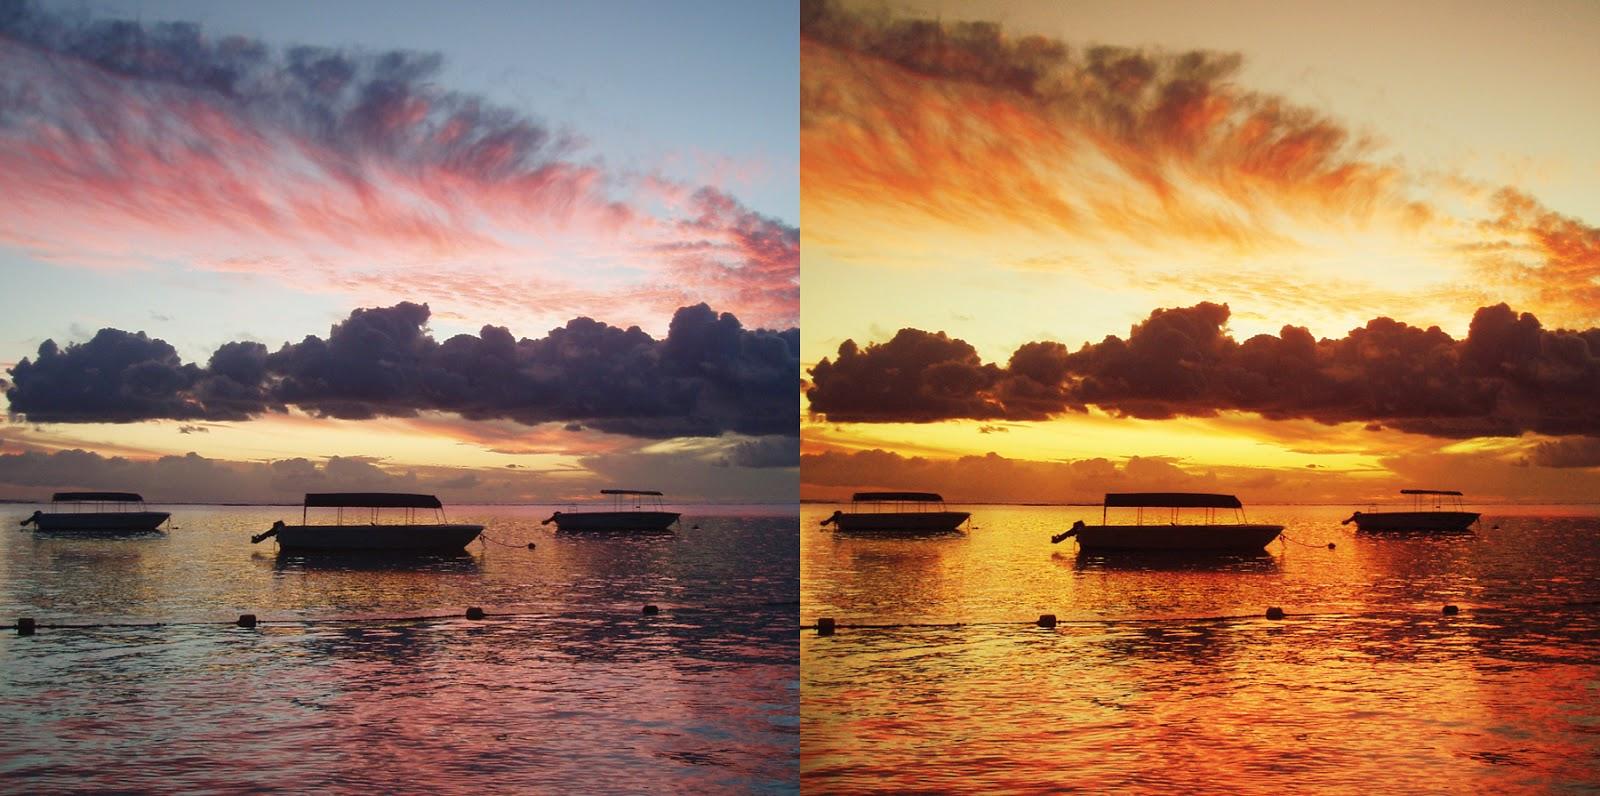 Обработка закатных фотографий в Фотошопе